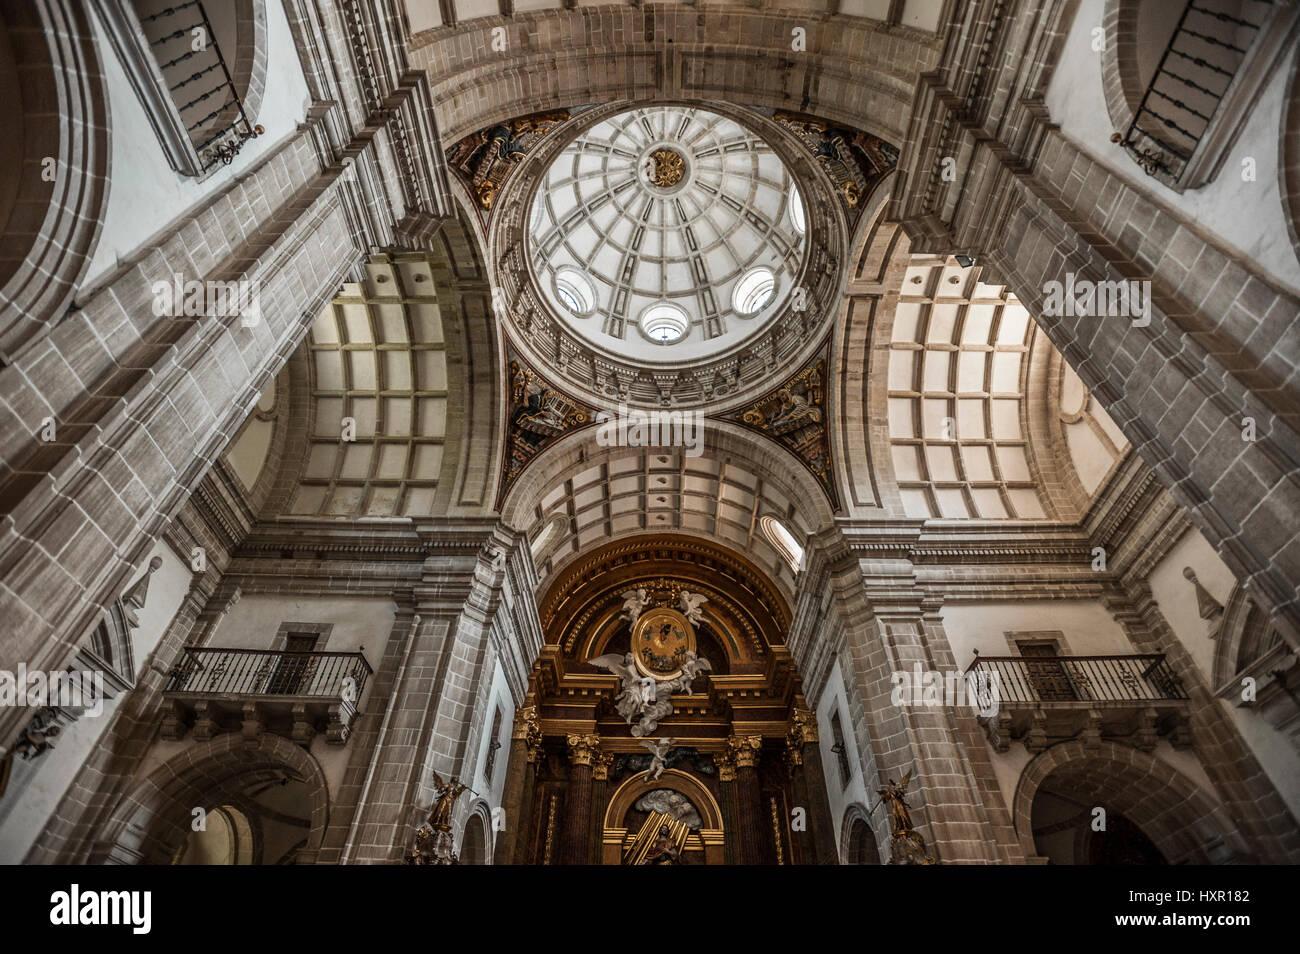 Monastery Of St Julian Of Samos Samos Lugo Galicia Spain Europe Stock Photo Alamy